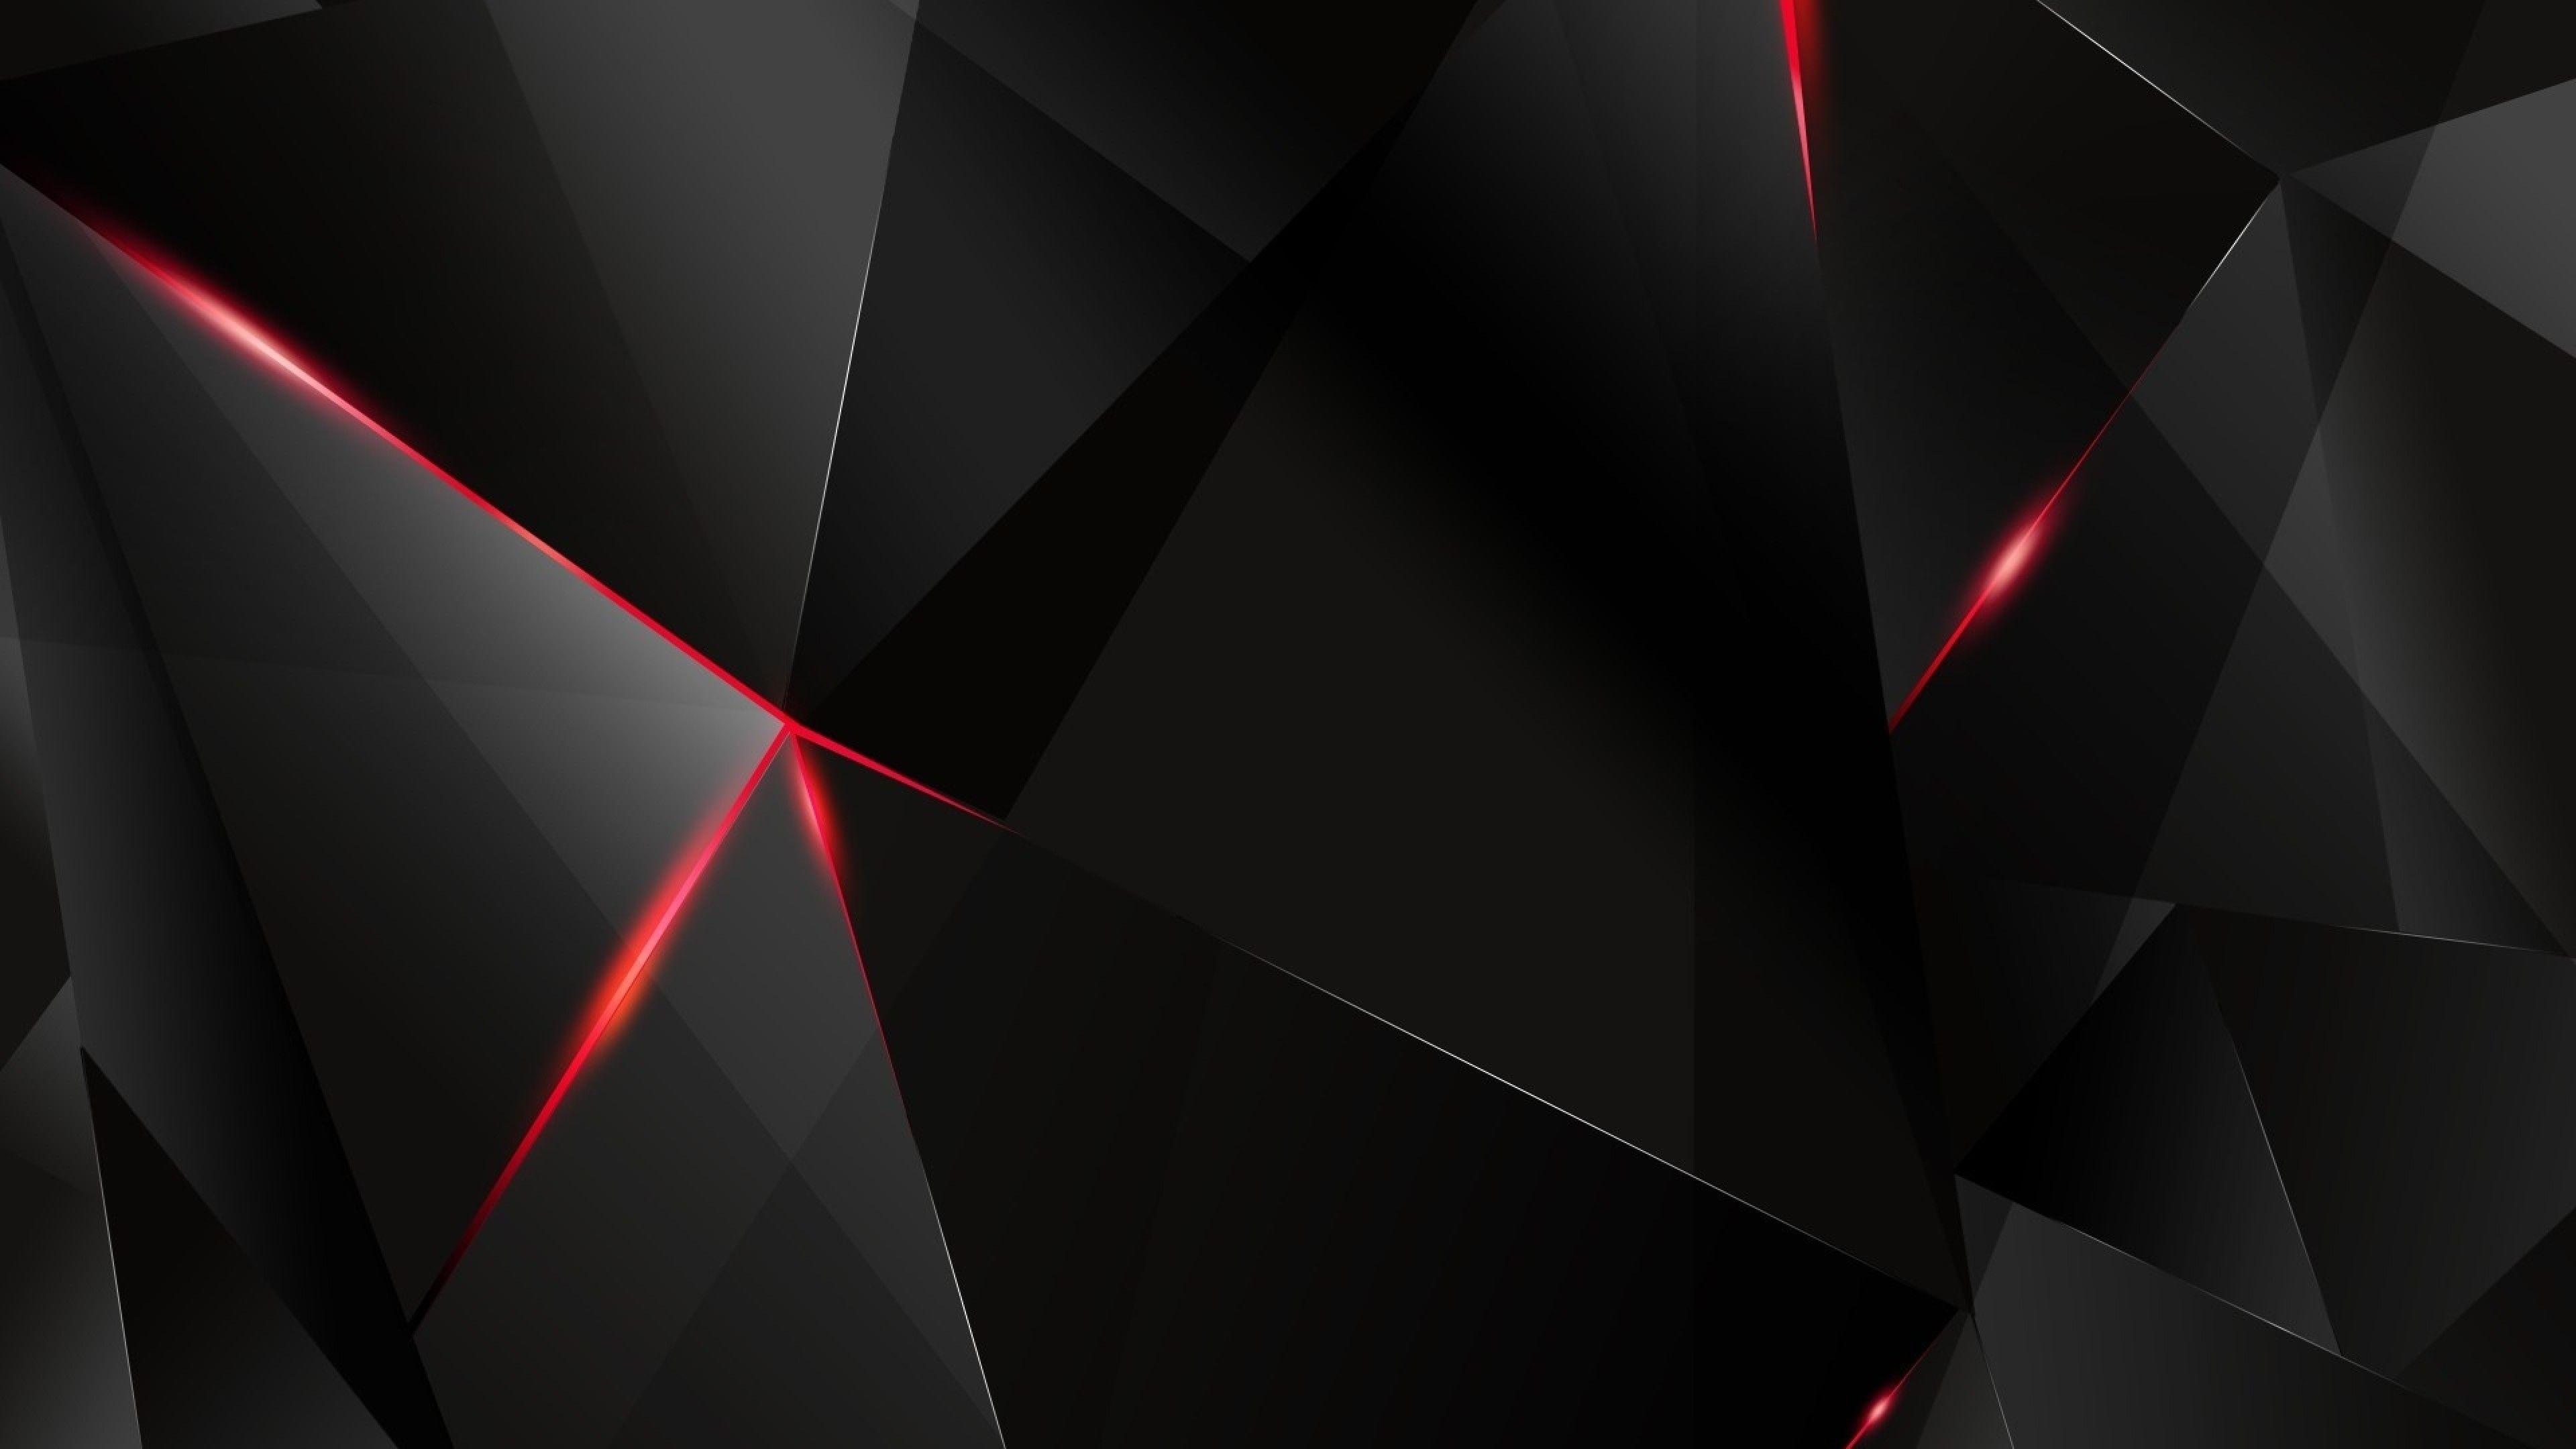 3840x2160 Download Wallpaper 3840x2160 Black Light Dark Figures